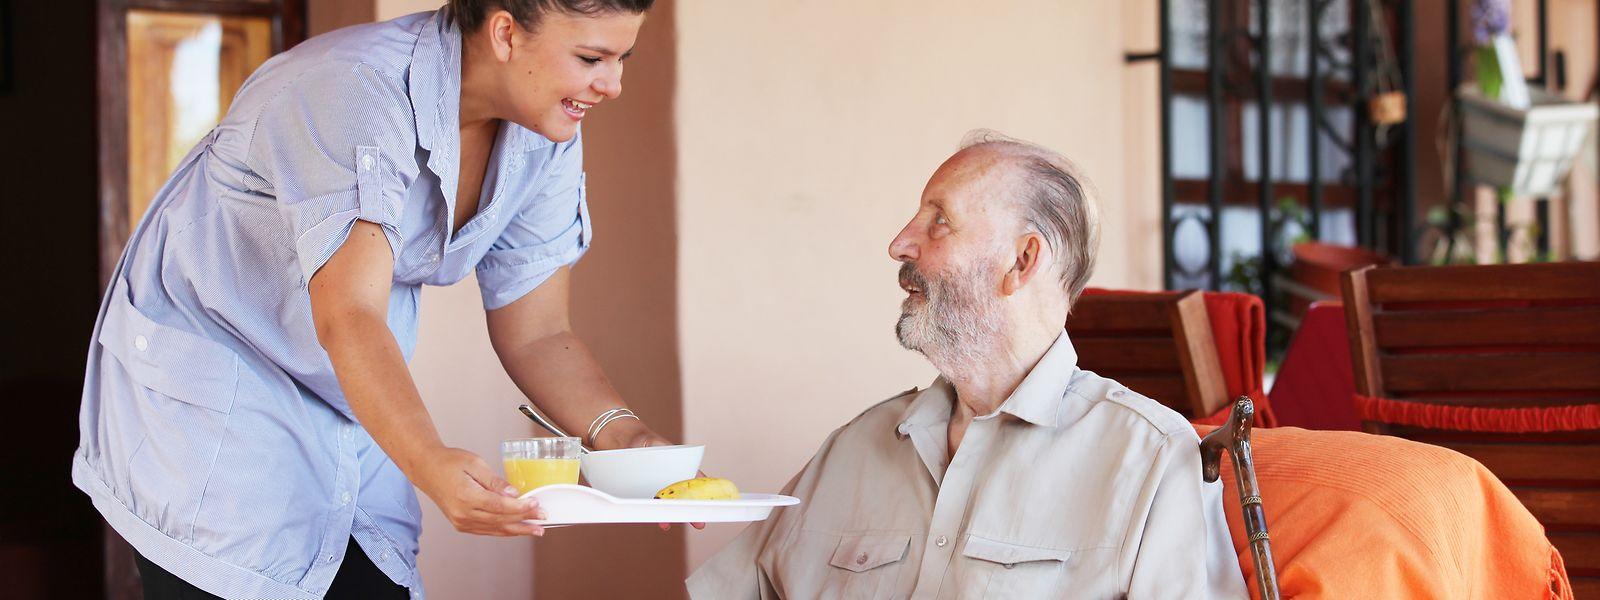 Rund zwölf Prozent der Angestellten der Pflegenetzwerke hatten Covid.